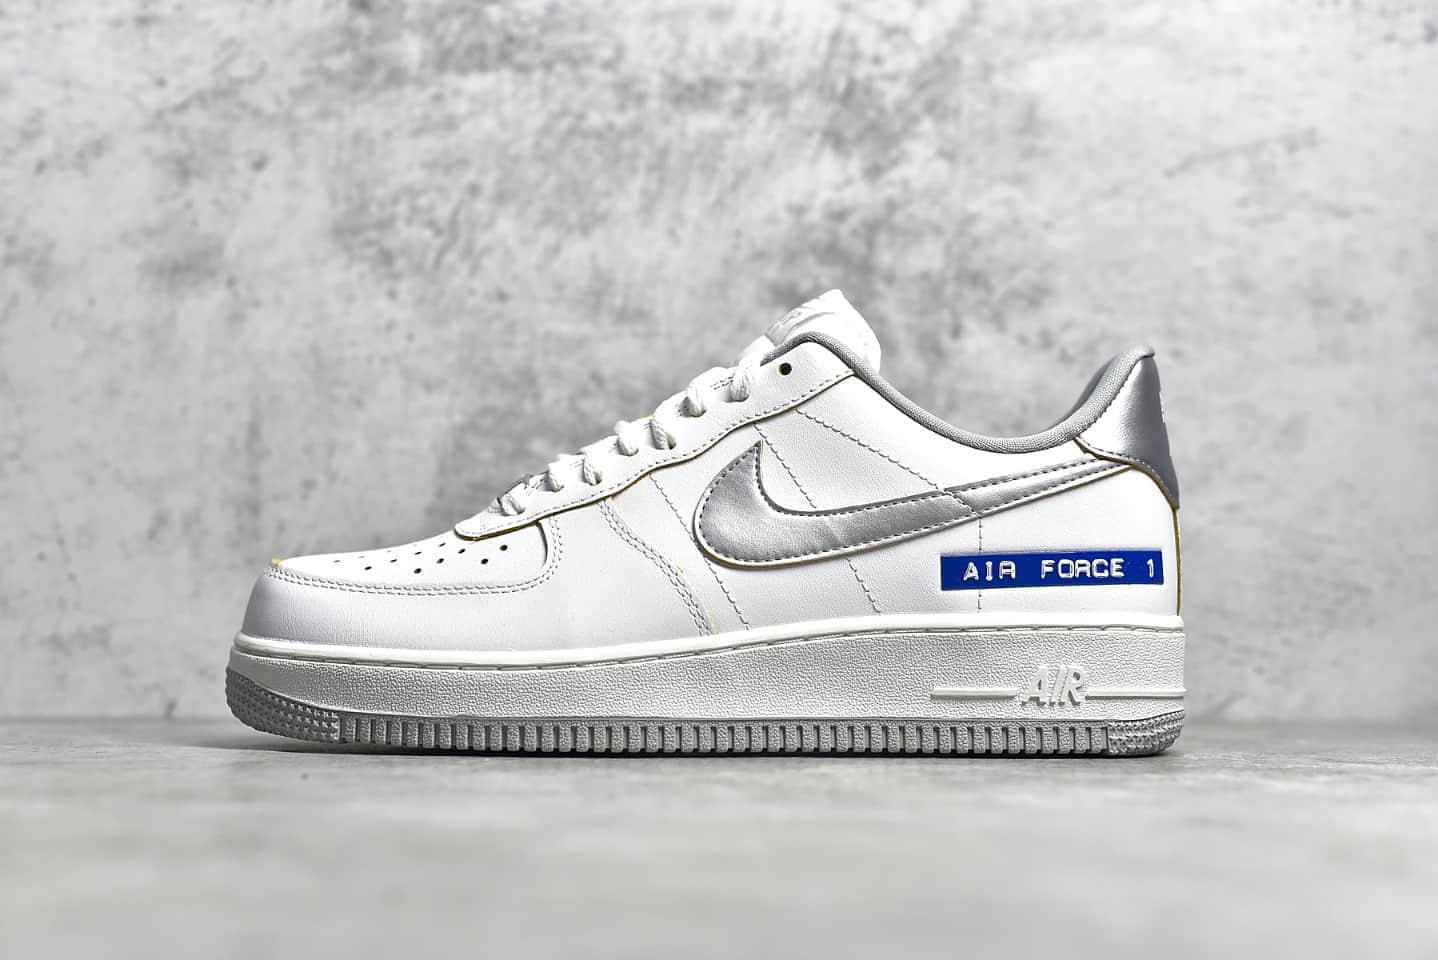 耐克空军白银低帮 NIKE Air Force 1 纯原空军一号档口渠道 空军经典低帮板鞋 货号:DC5209-100-潮流者之家